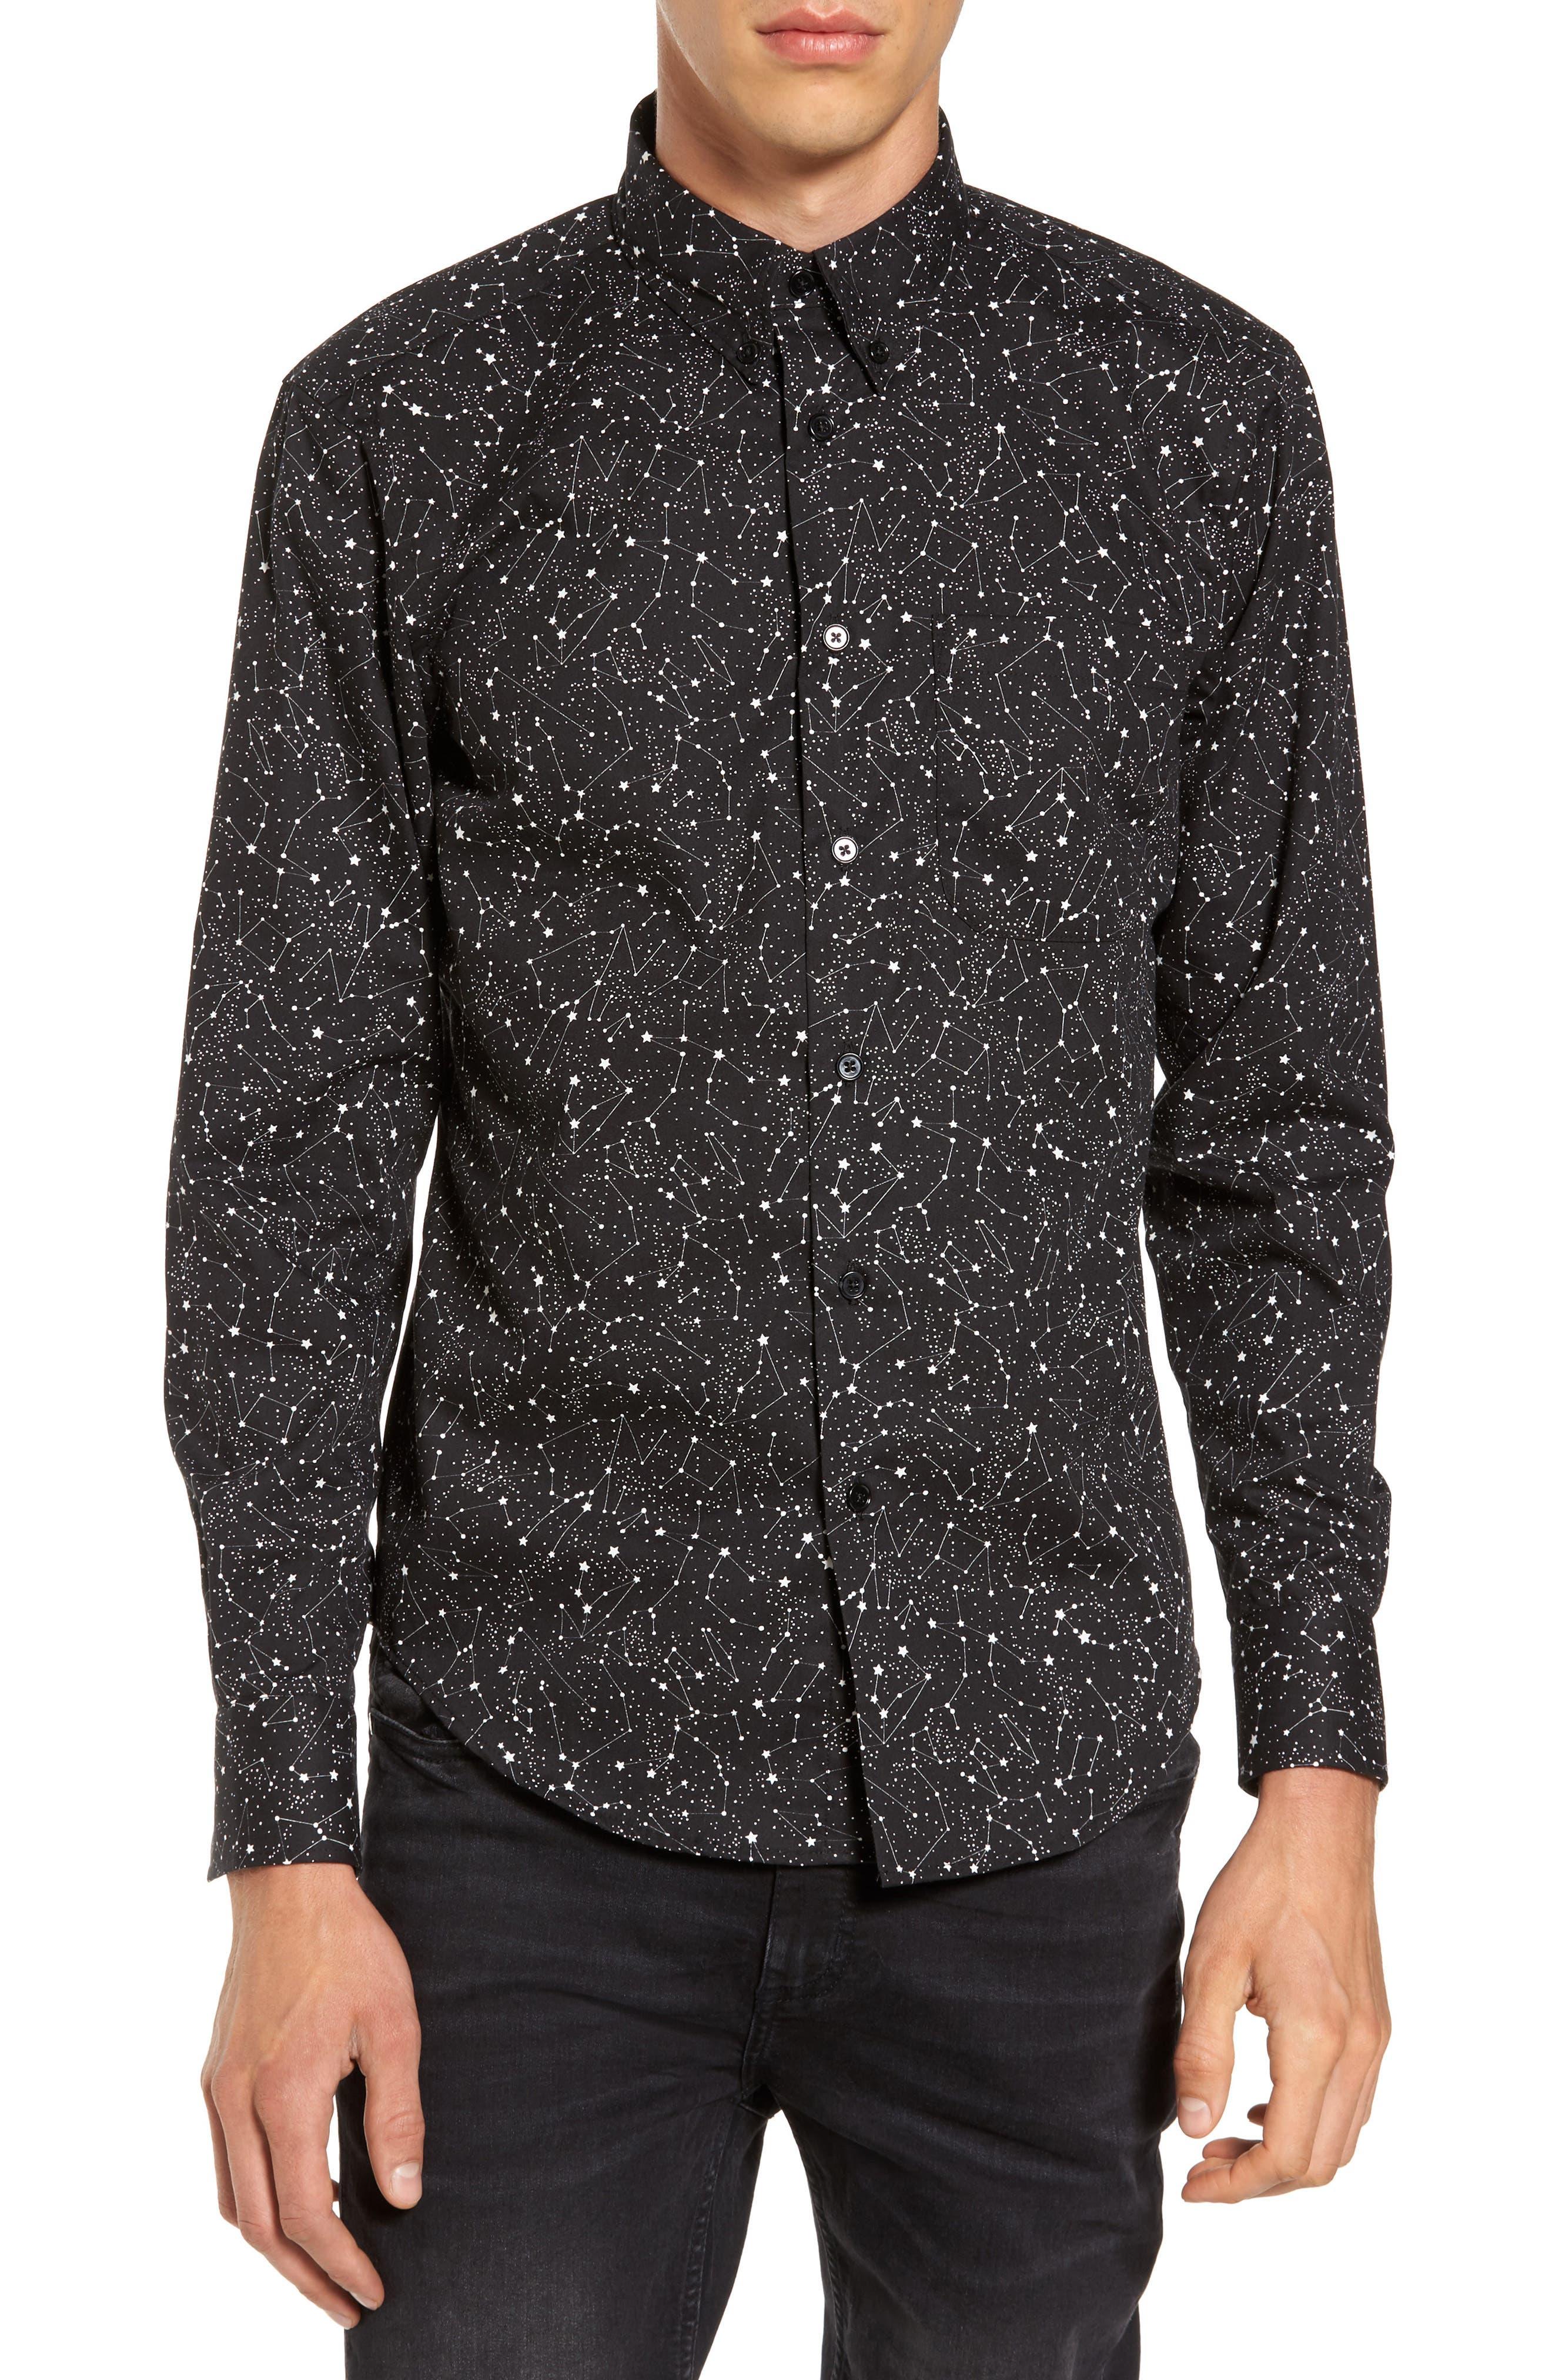 Constellations Shirt,                             Main thumbnail 1, color,                             Black